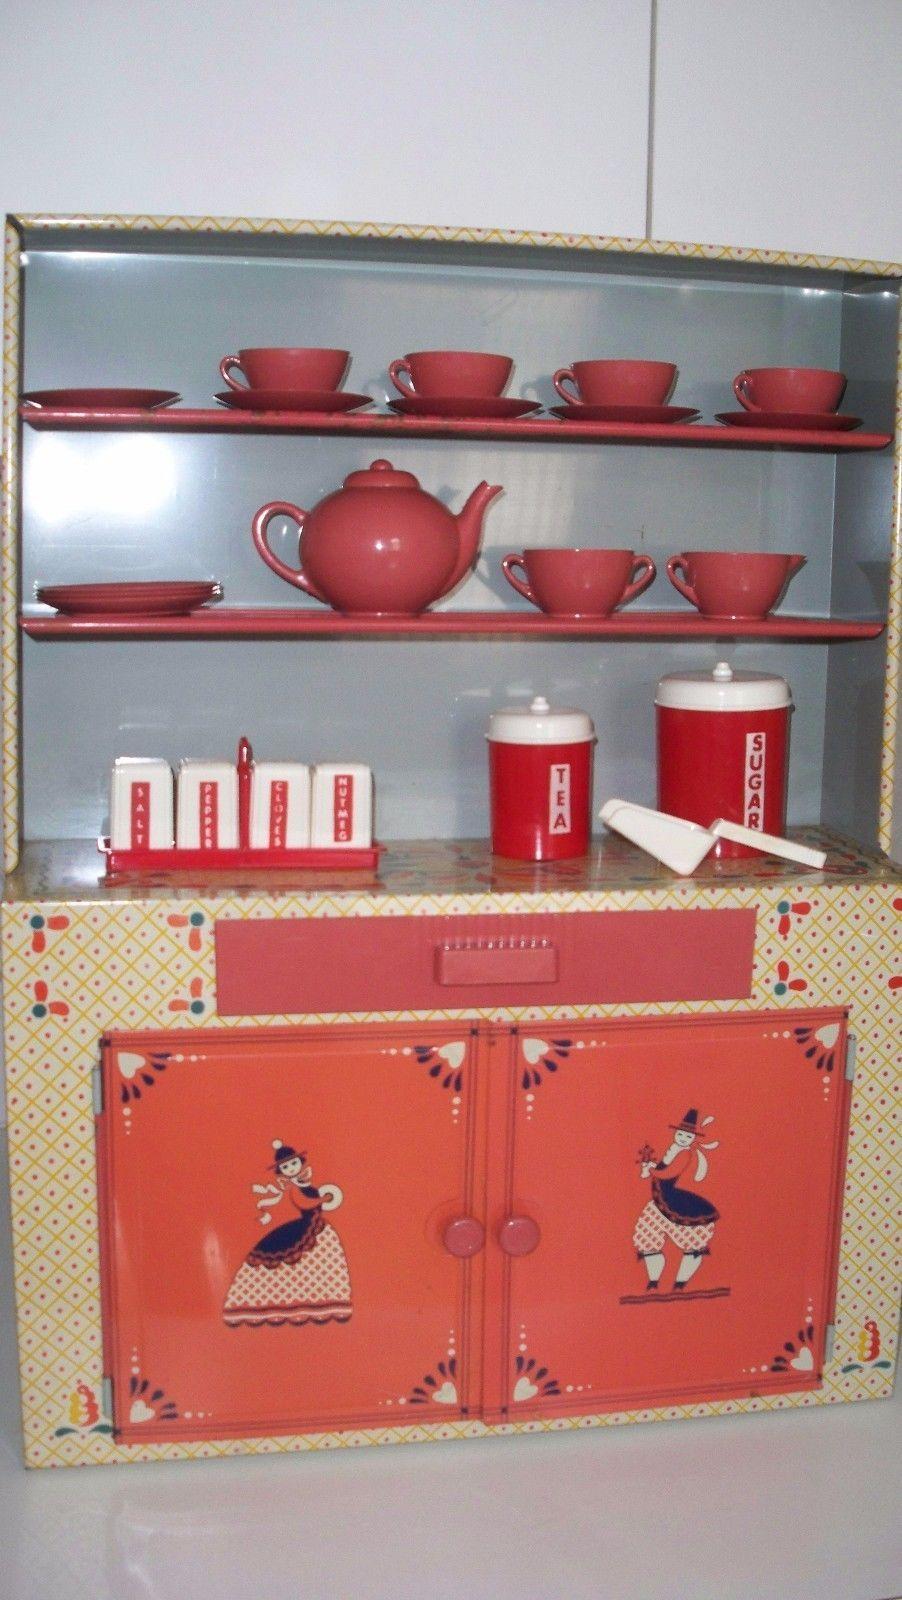 Vintage Toy Kiddie Kitchen Set from The 1950'S eBay